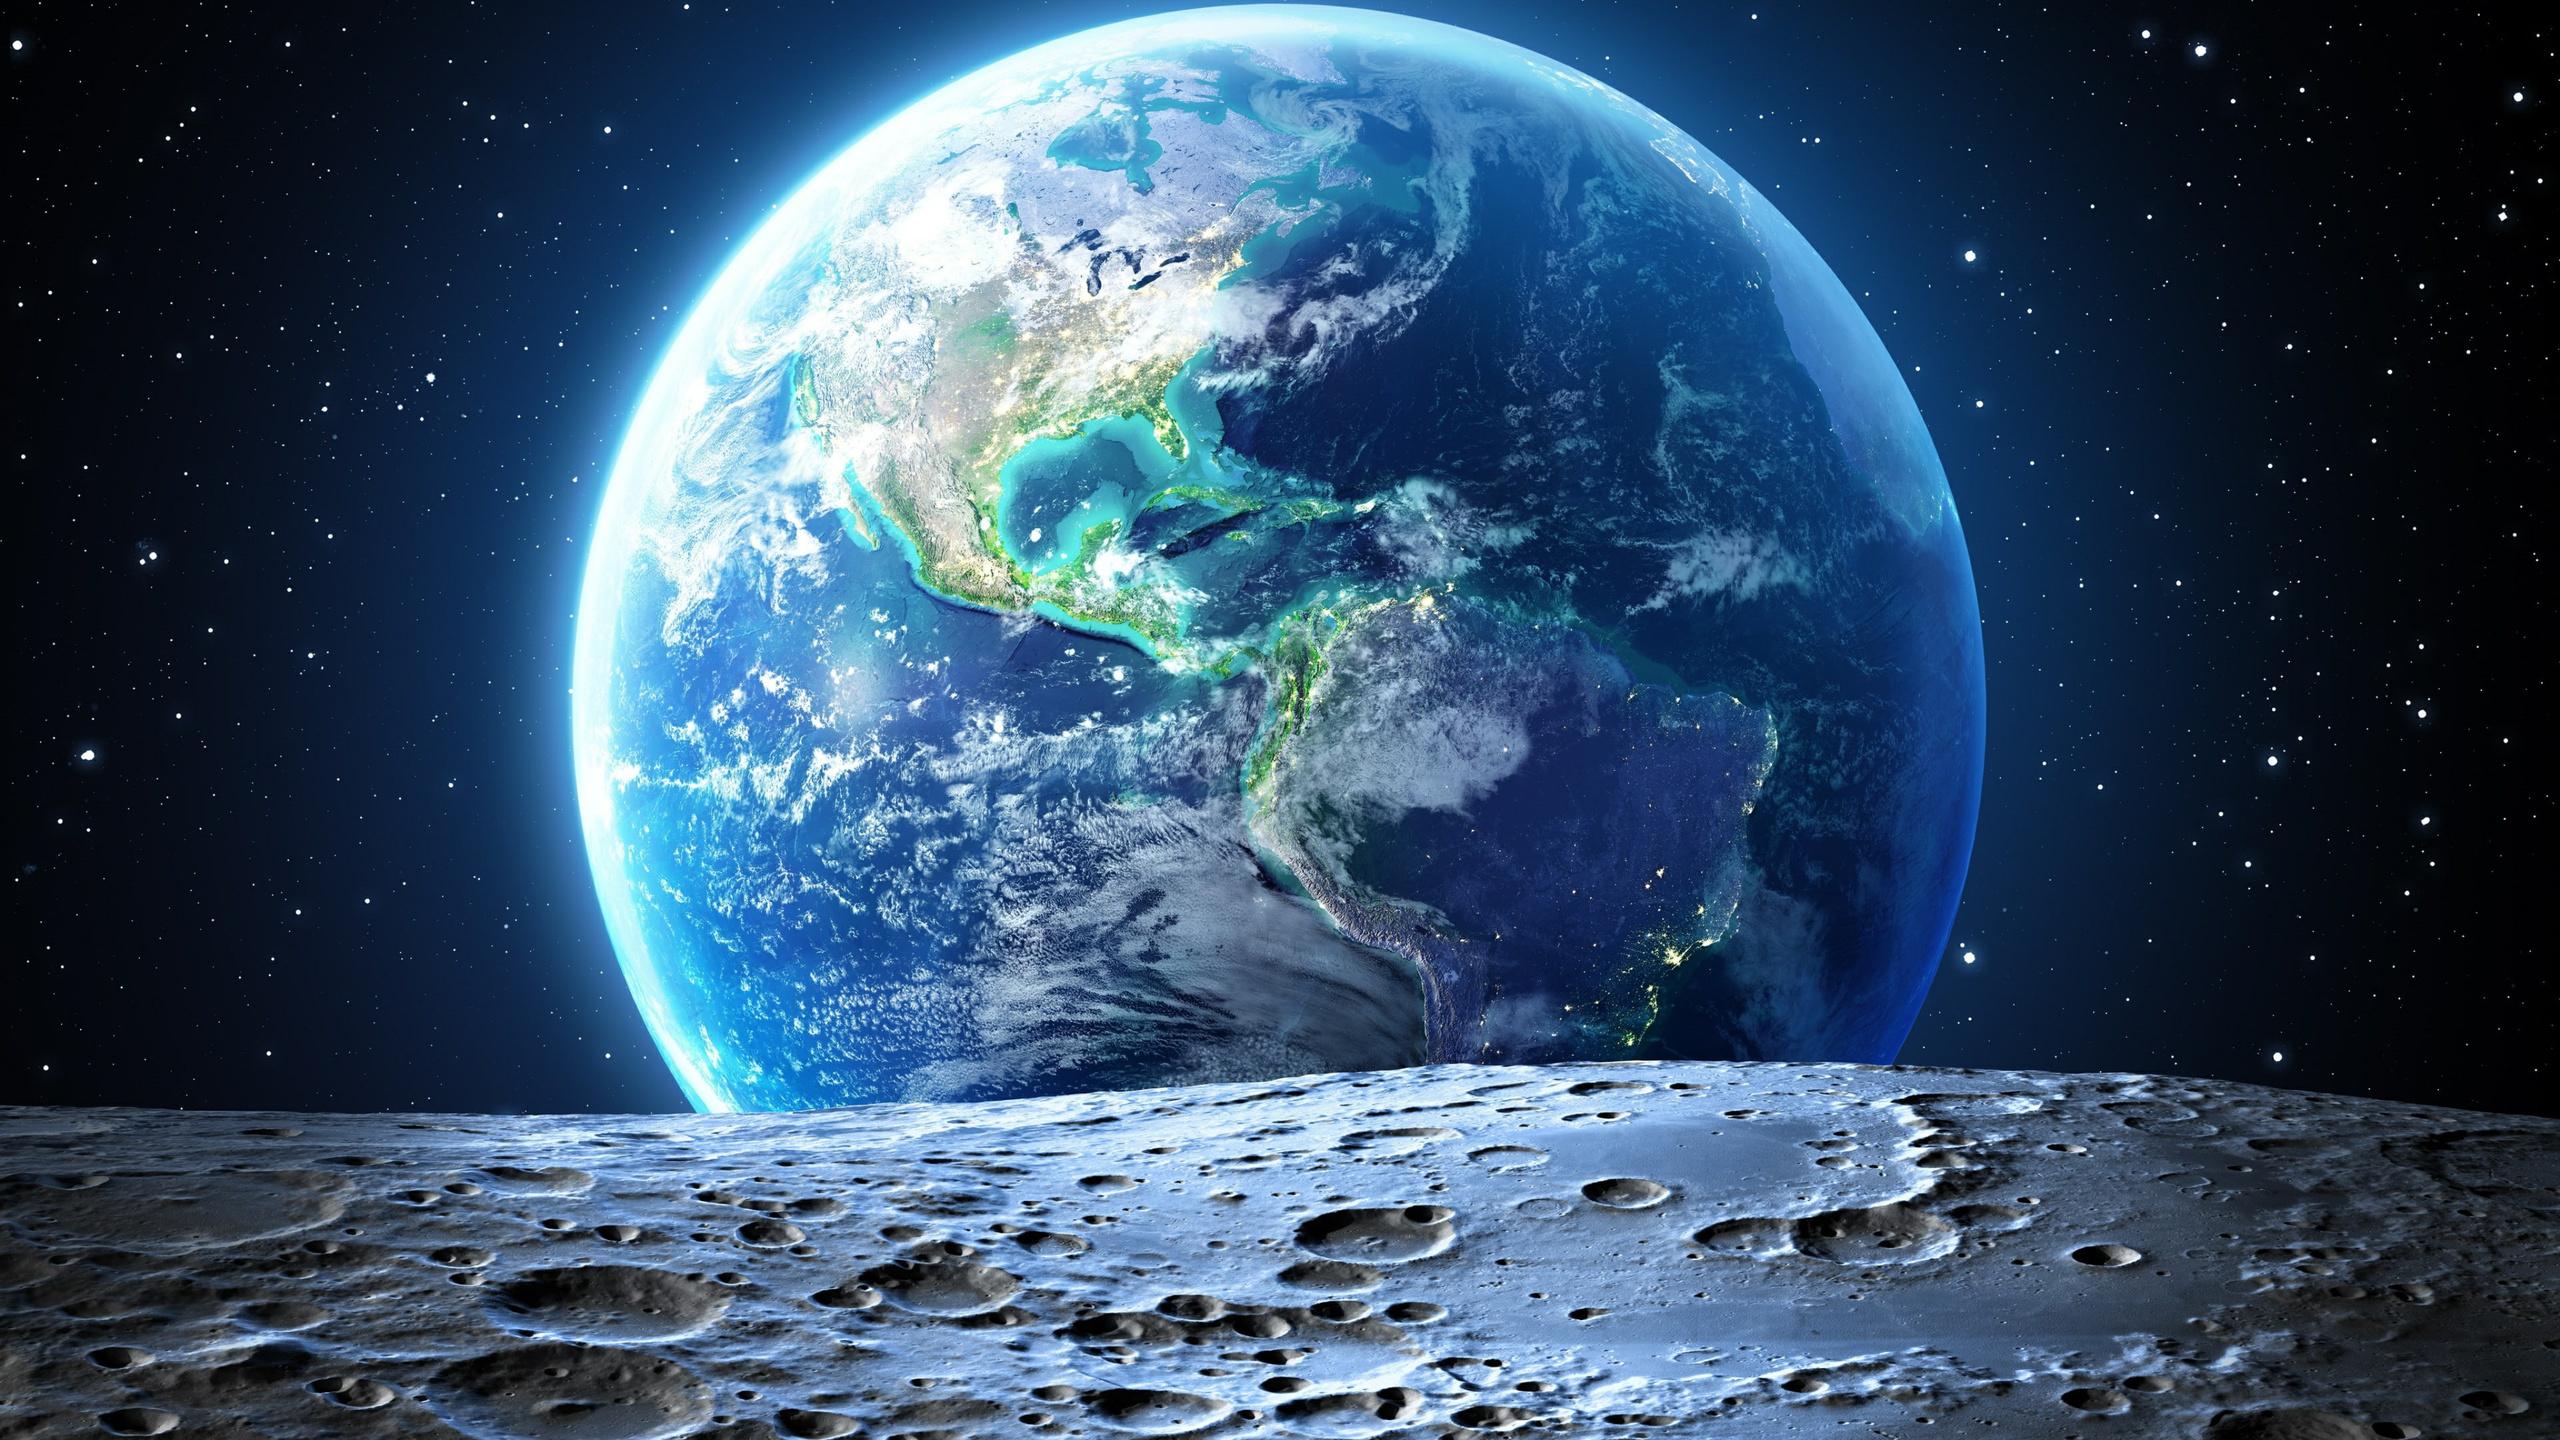 космос, луна, земля